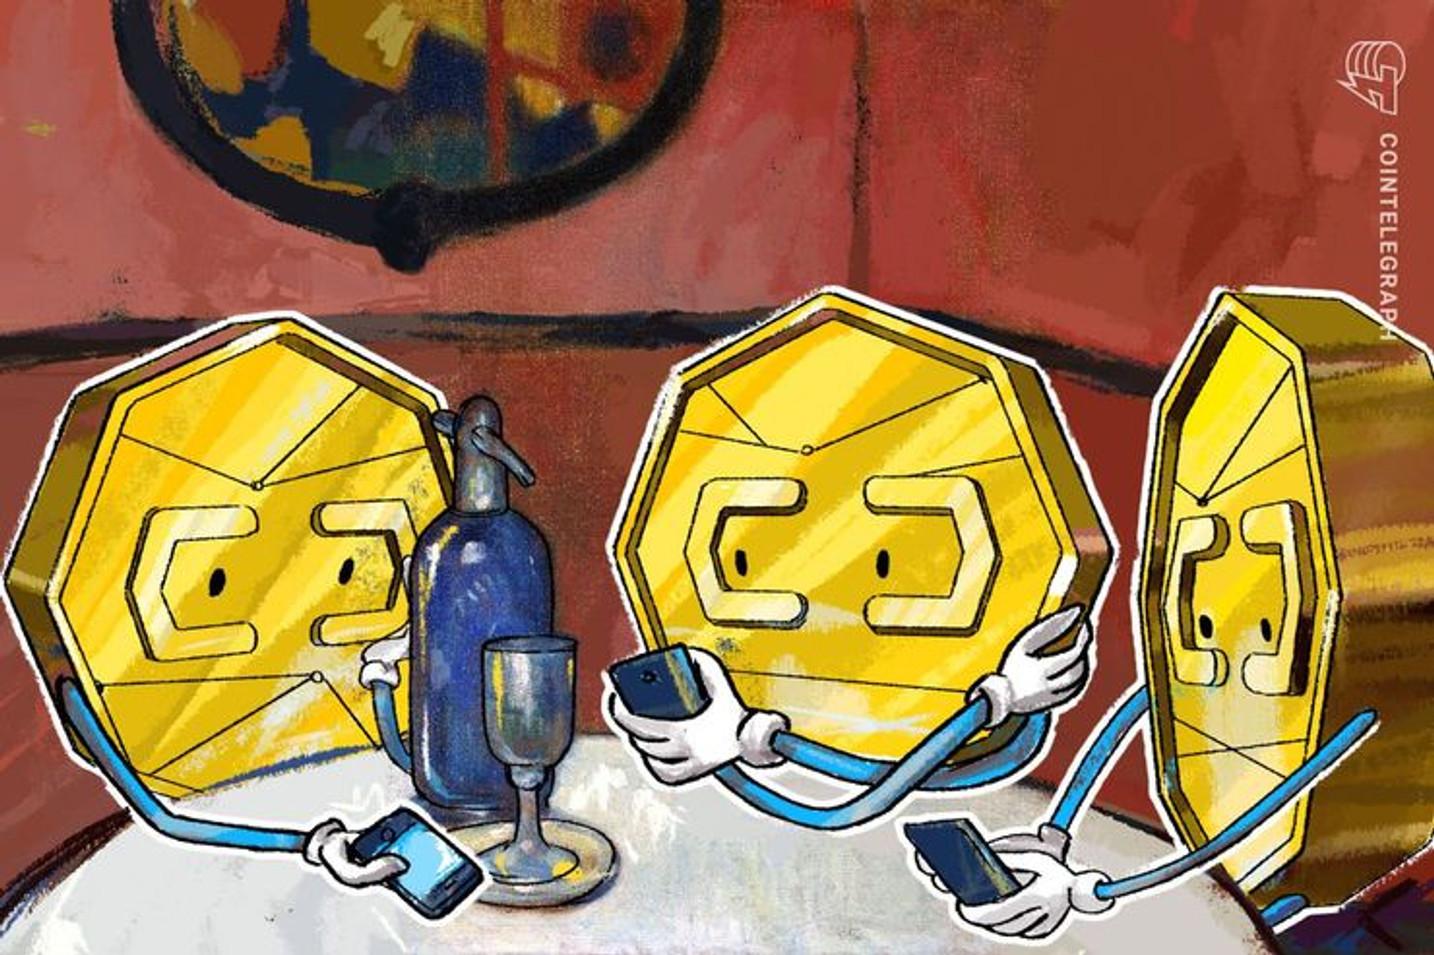 オンライン取引大手のCEO、仮想通貨カストディの重要性を語る